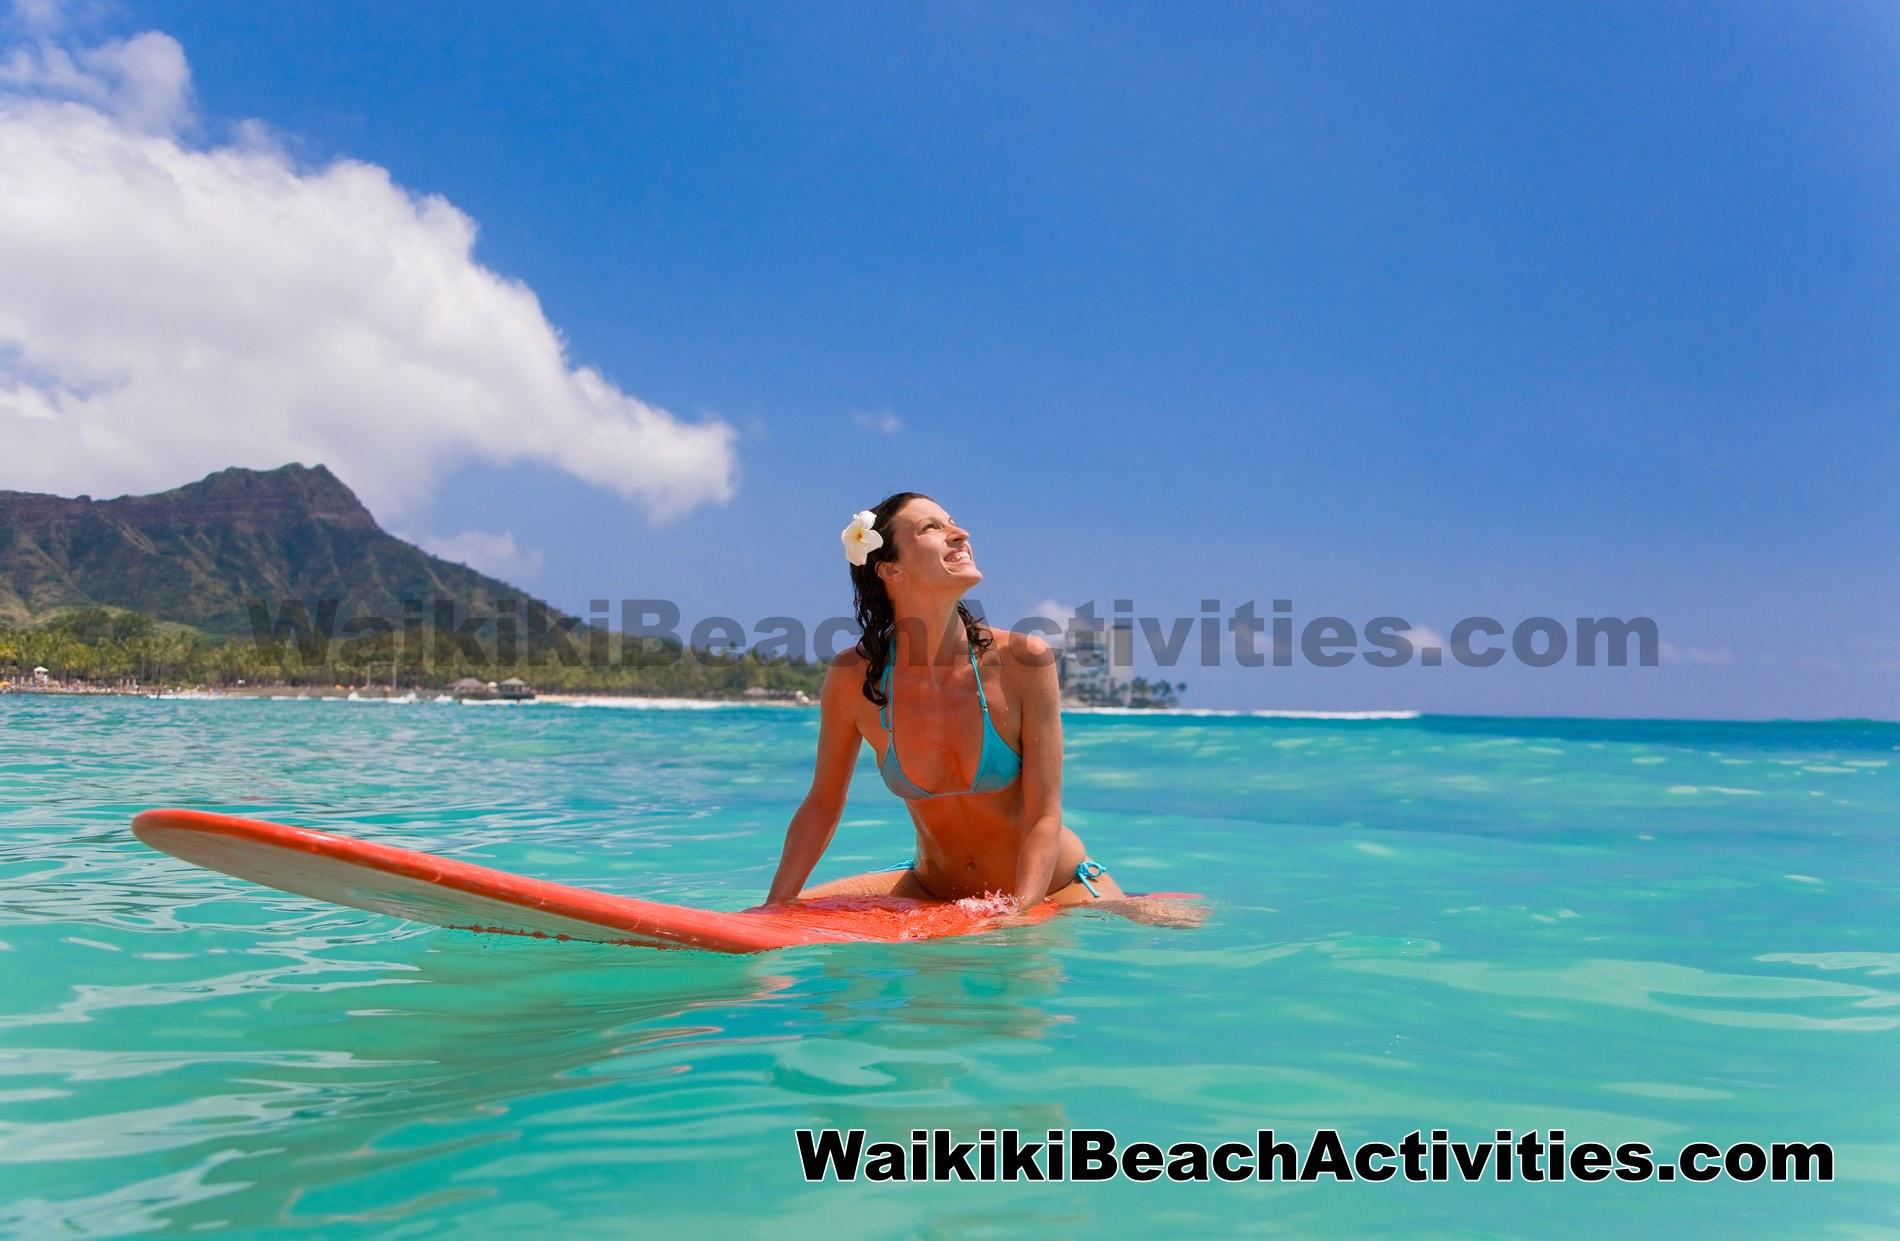 Waikiki beach photo